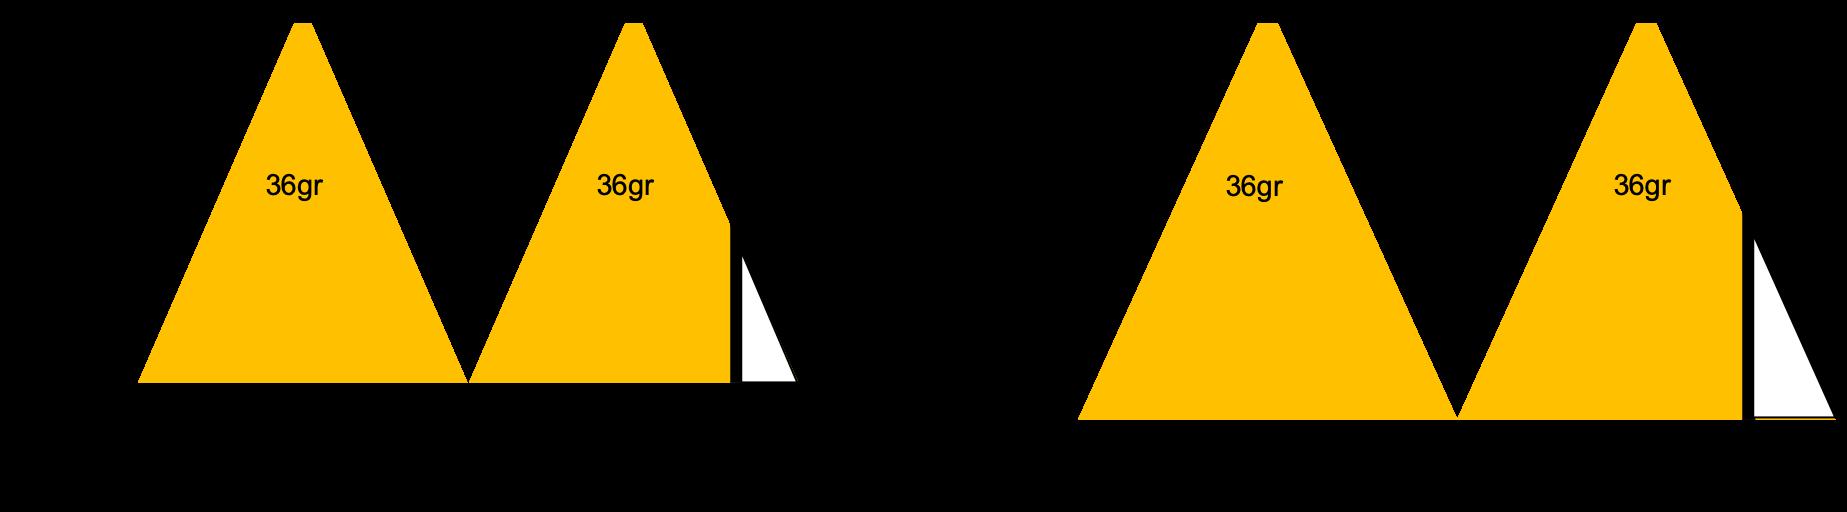 Spridningsvinkel ger antal spots